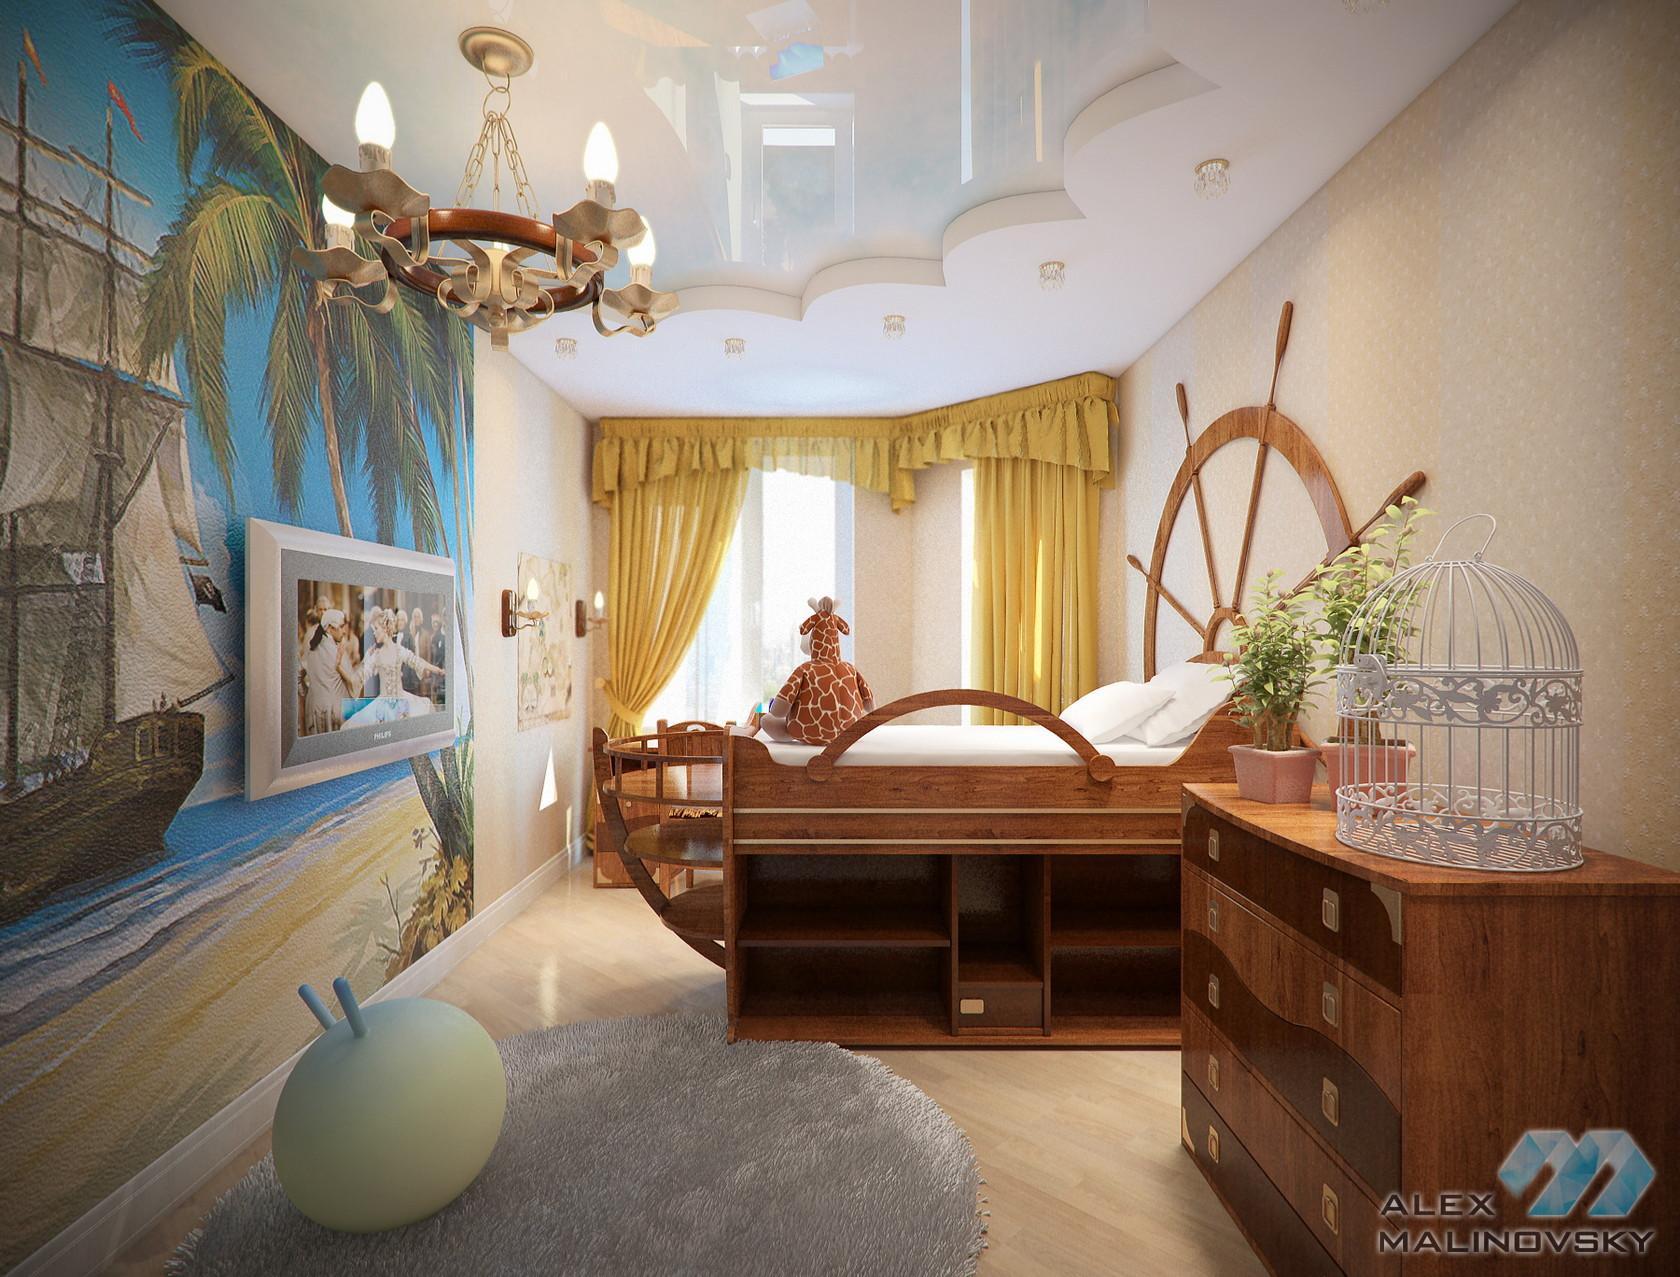 Детская 2, 3х комнатная квартира, ЖК Доминанта, СПб